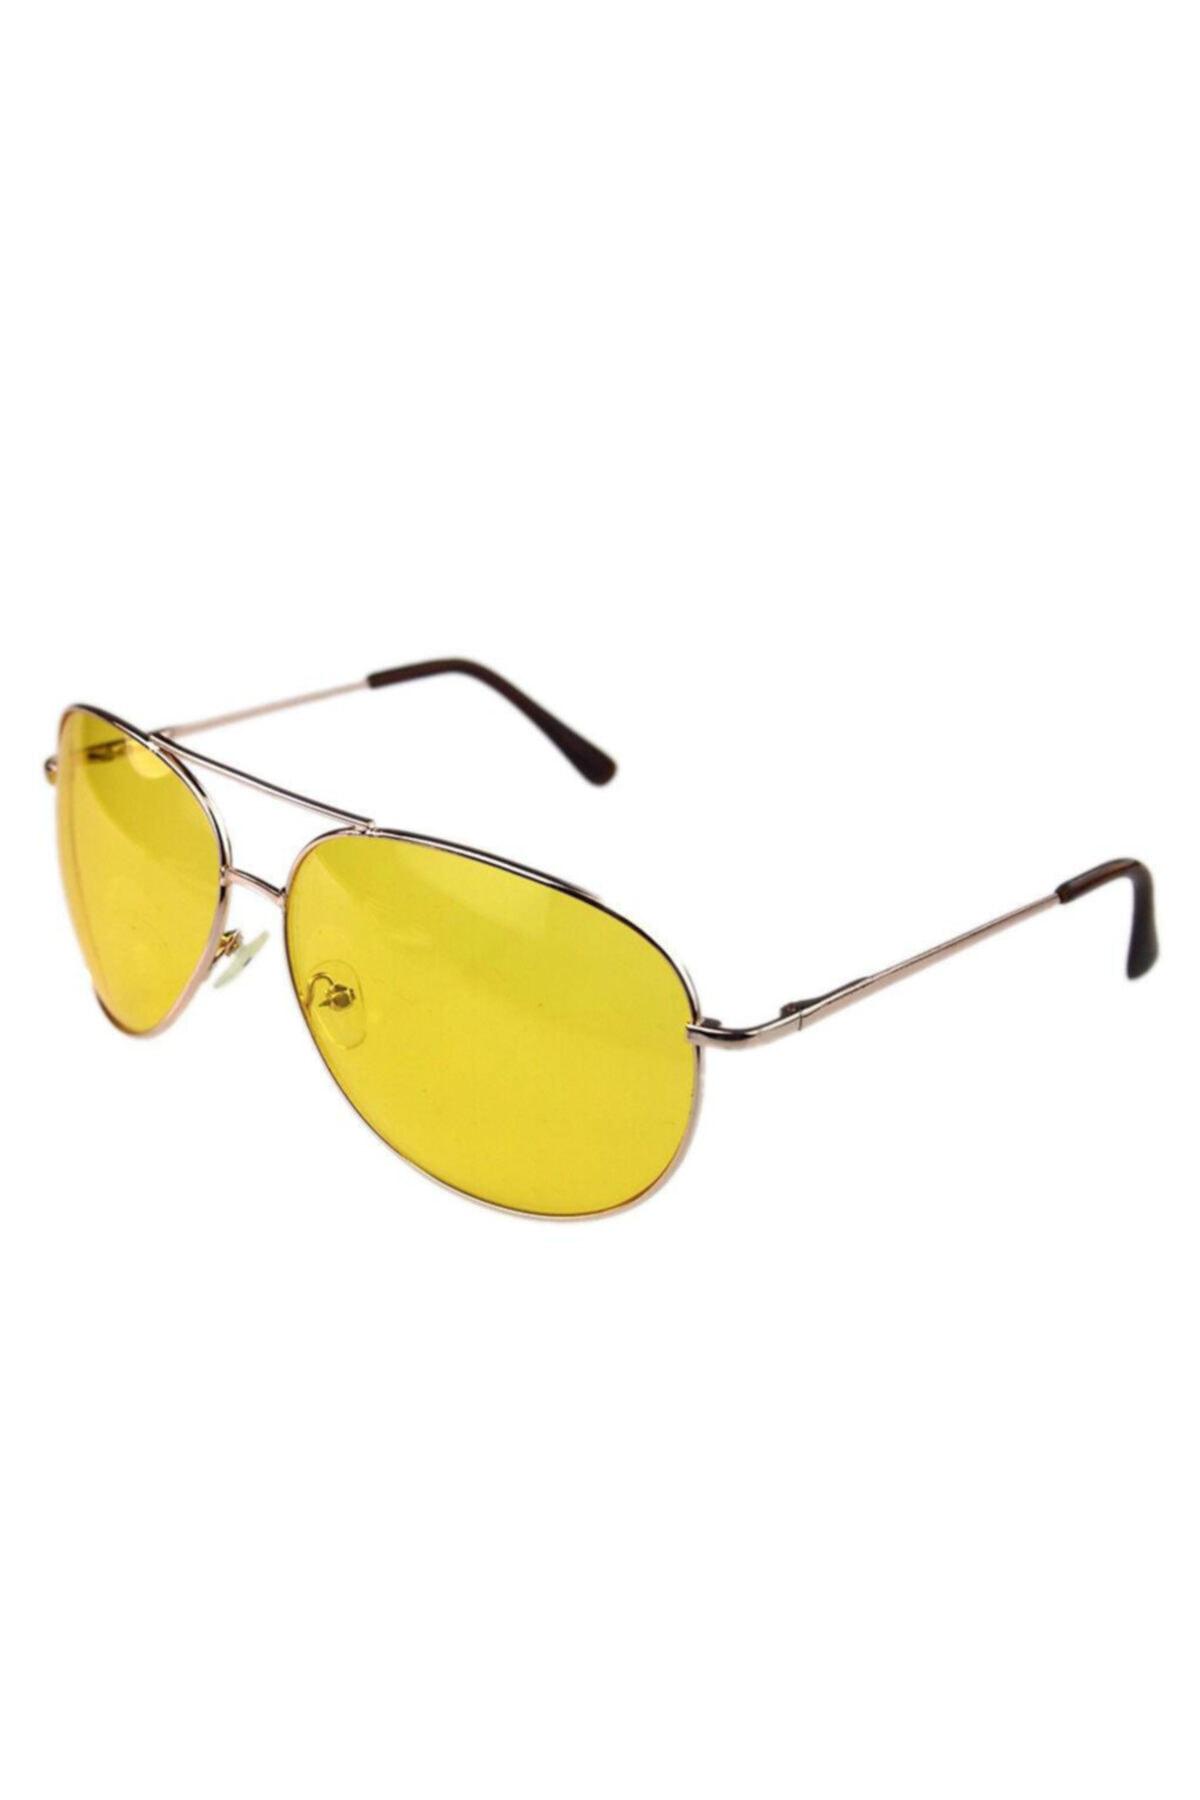 ModaCar Metal Çerçeve Gece Sürüş ve Sis Gözlüğü 422550 1